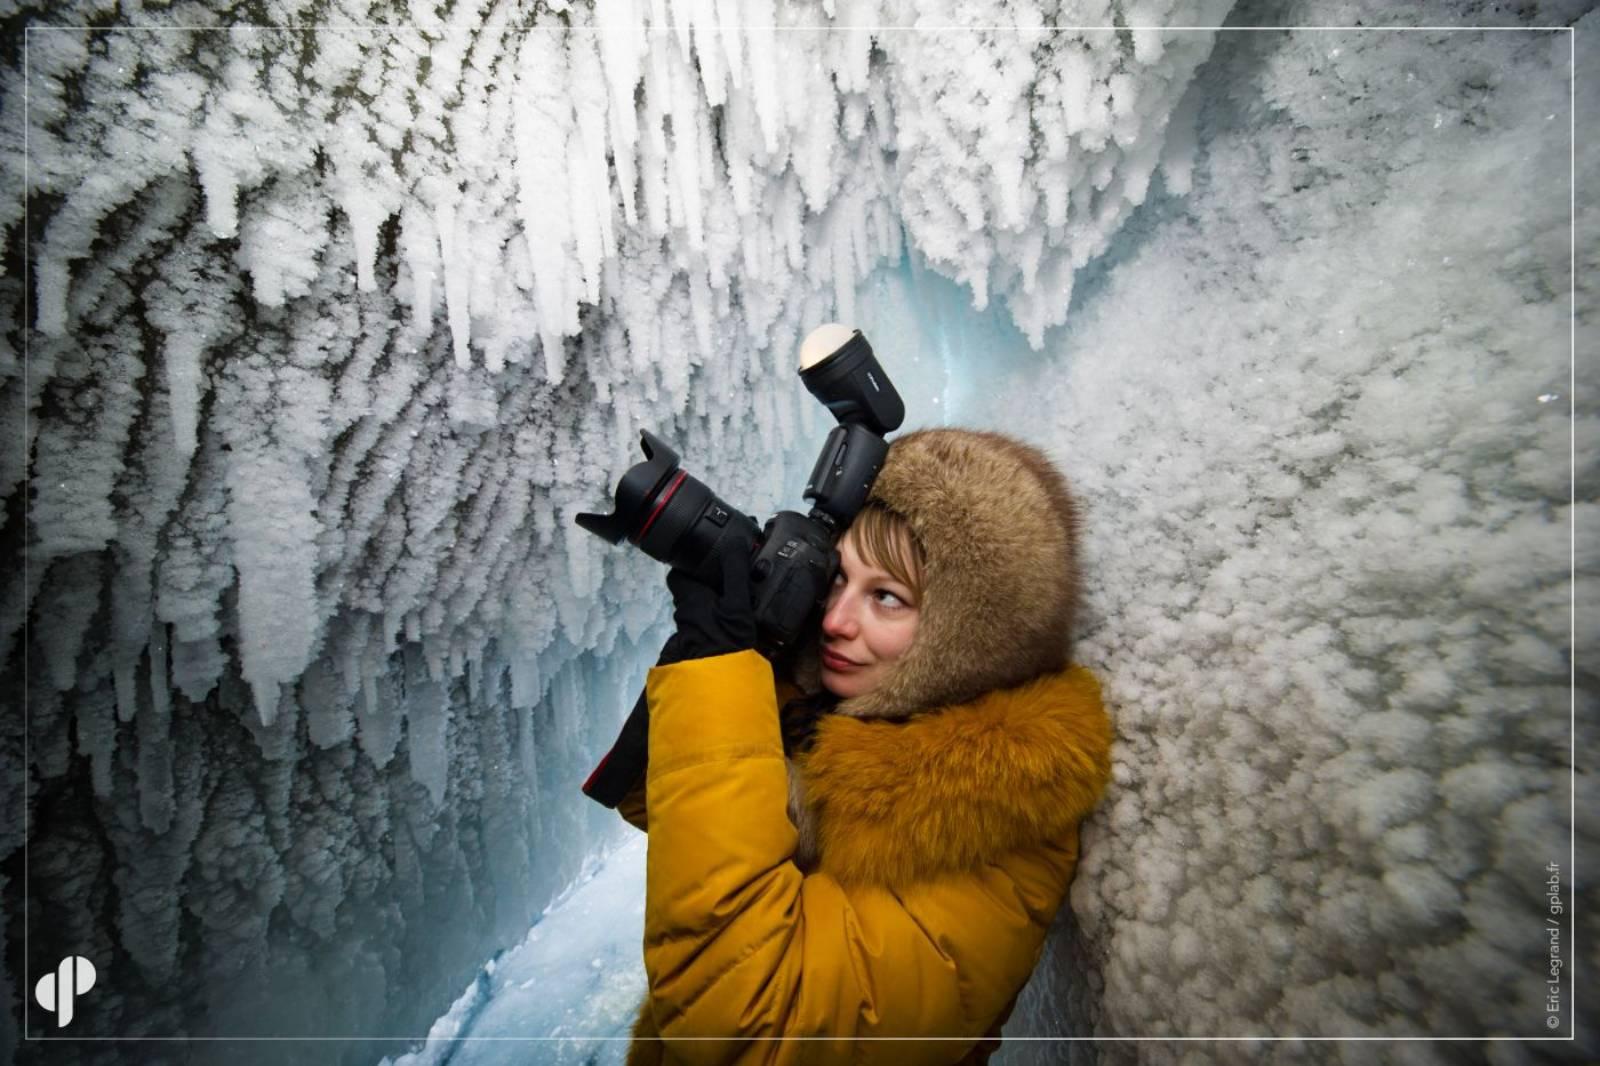 Profoto parteneraire des cours photo et des voyages photo Graine de Photographe